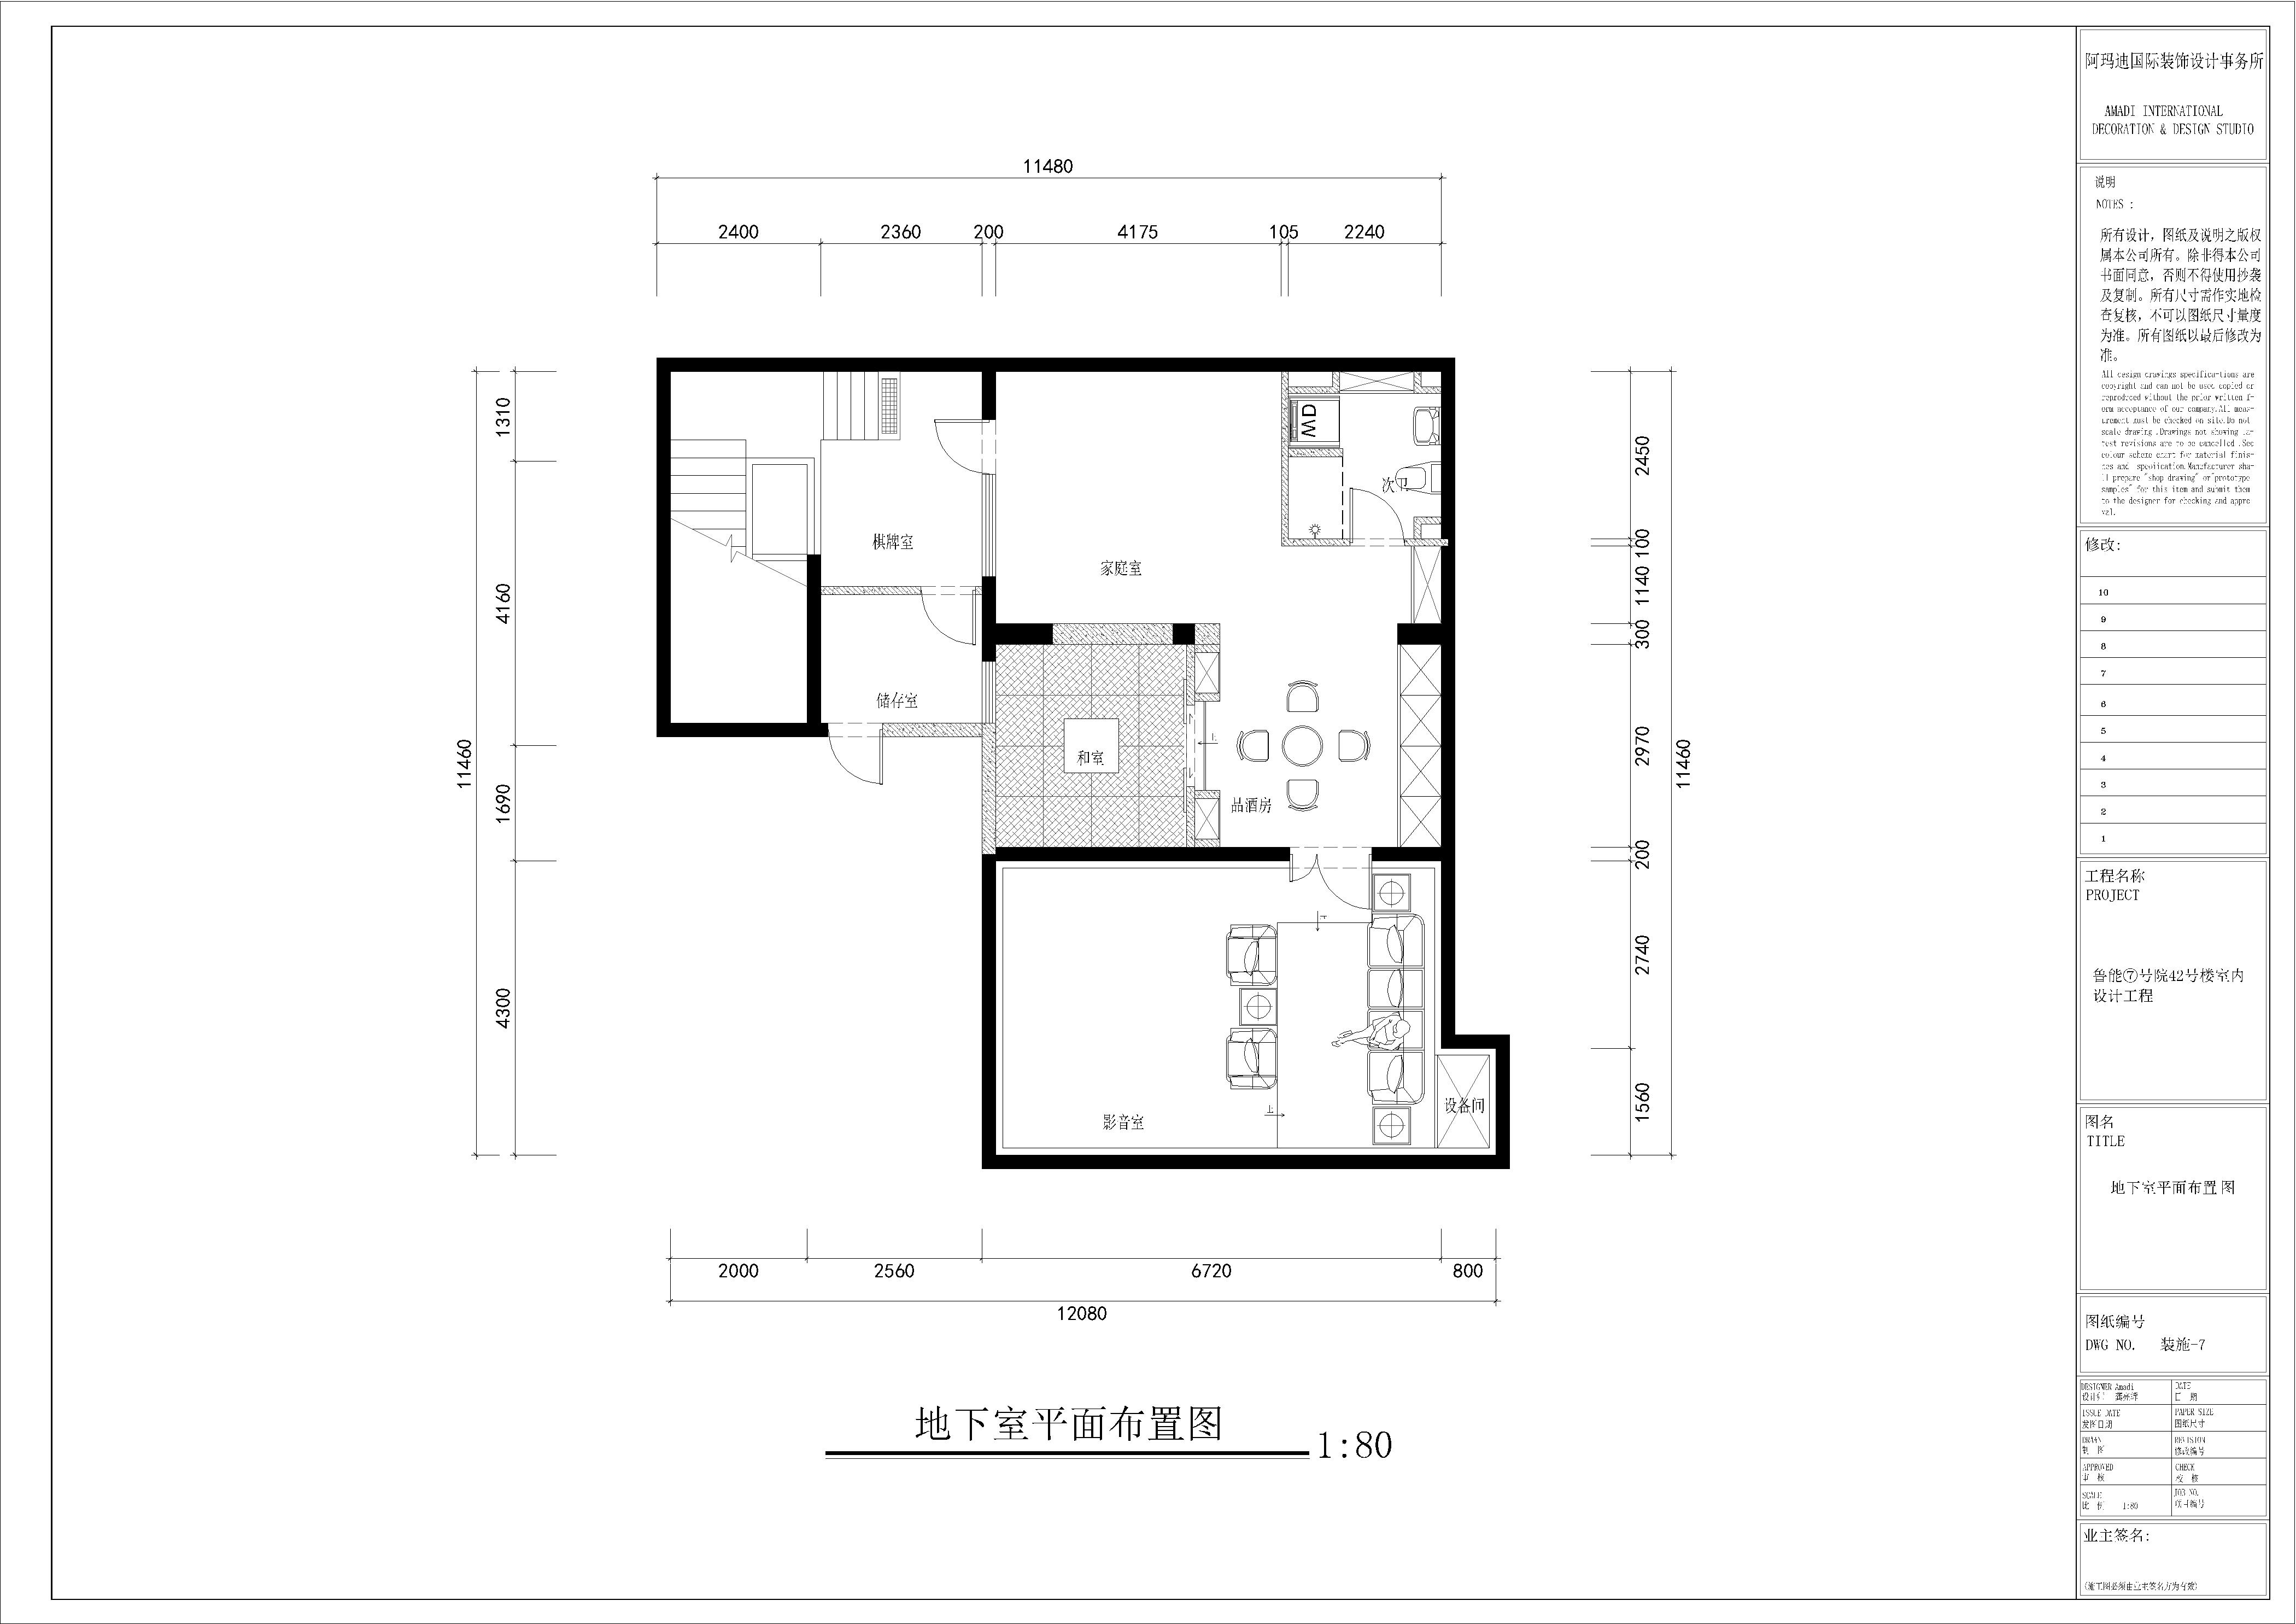 三居 简约效果 北京装修 北京设计 户型图图片来自高度国际装饰韩冰在鲁能七号院270㎡简约效果的分享